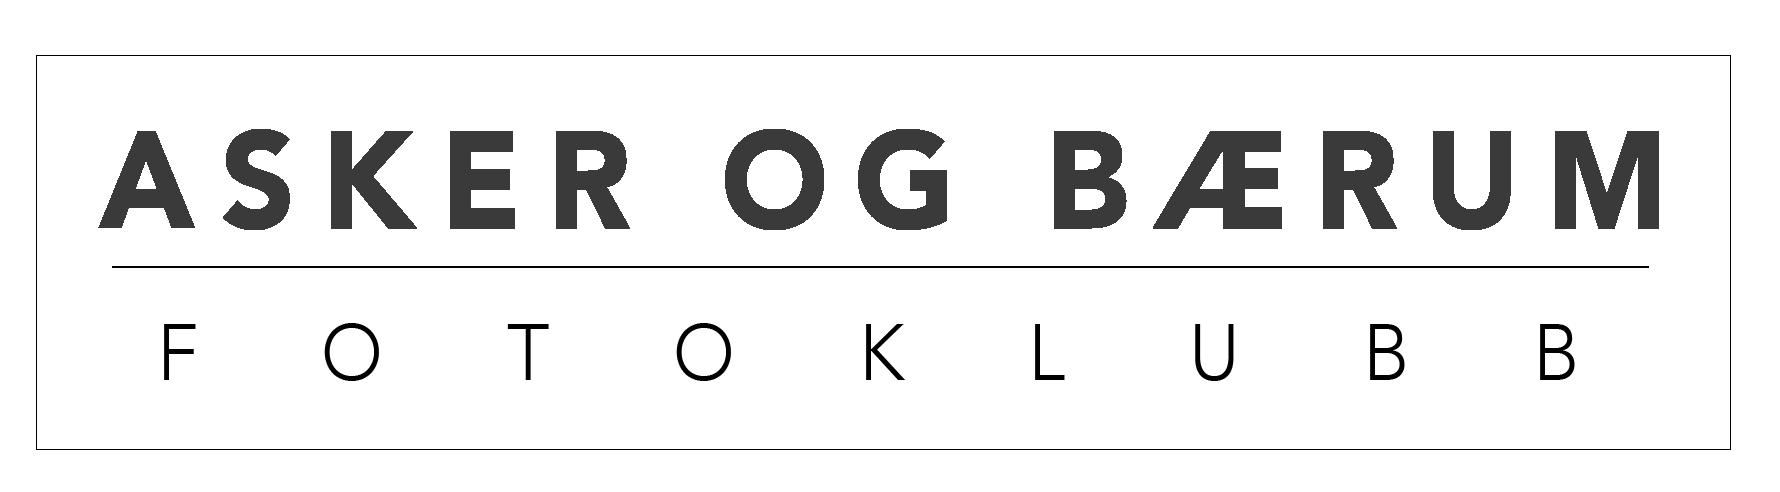 Abfotoklubb - Møteplass for fotointeresserte